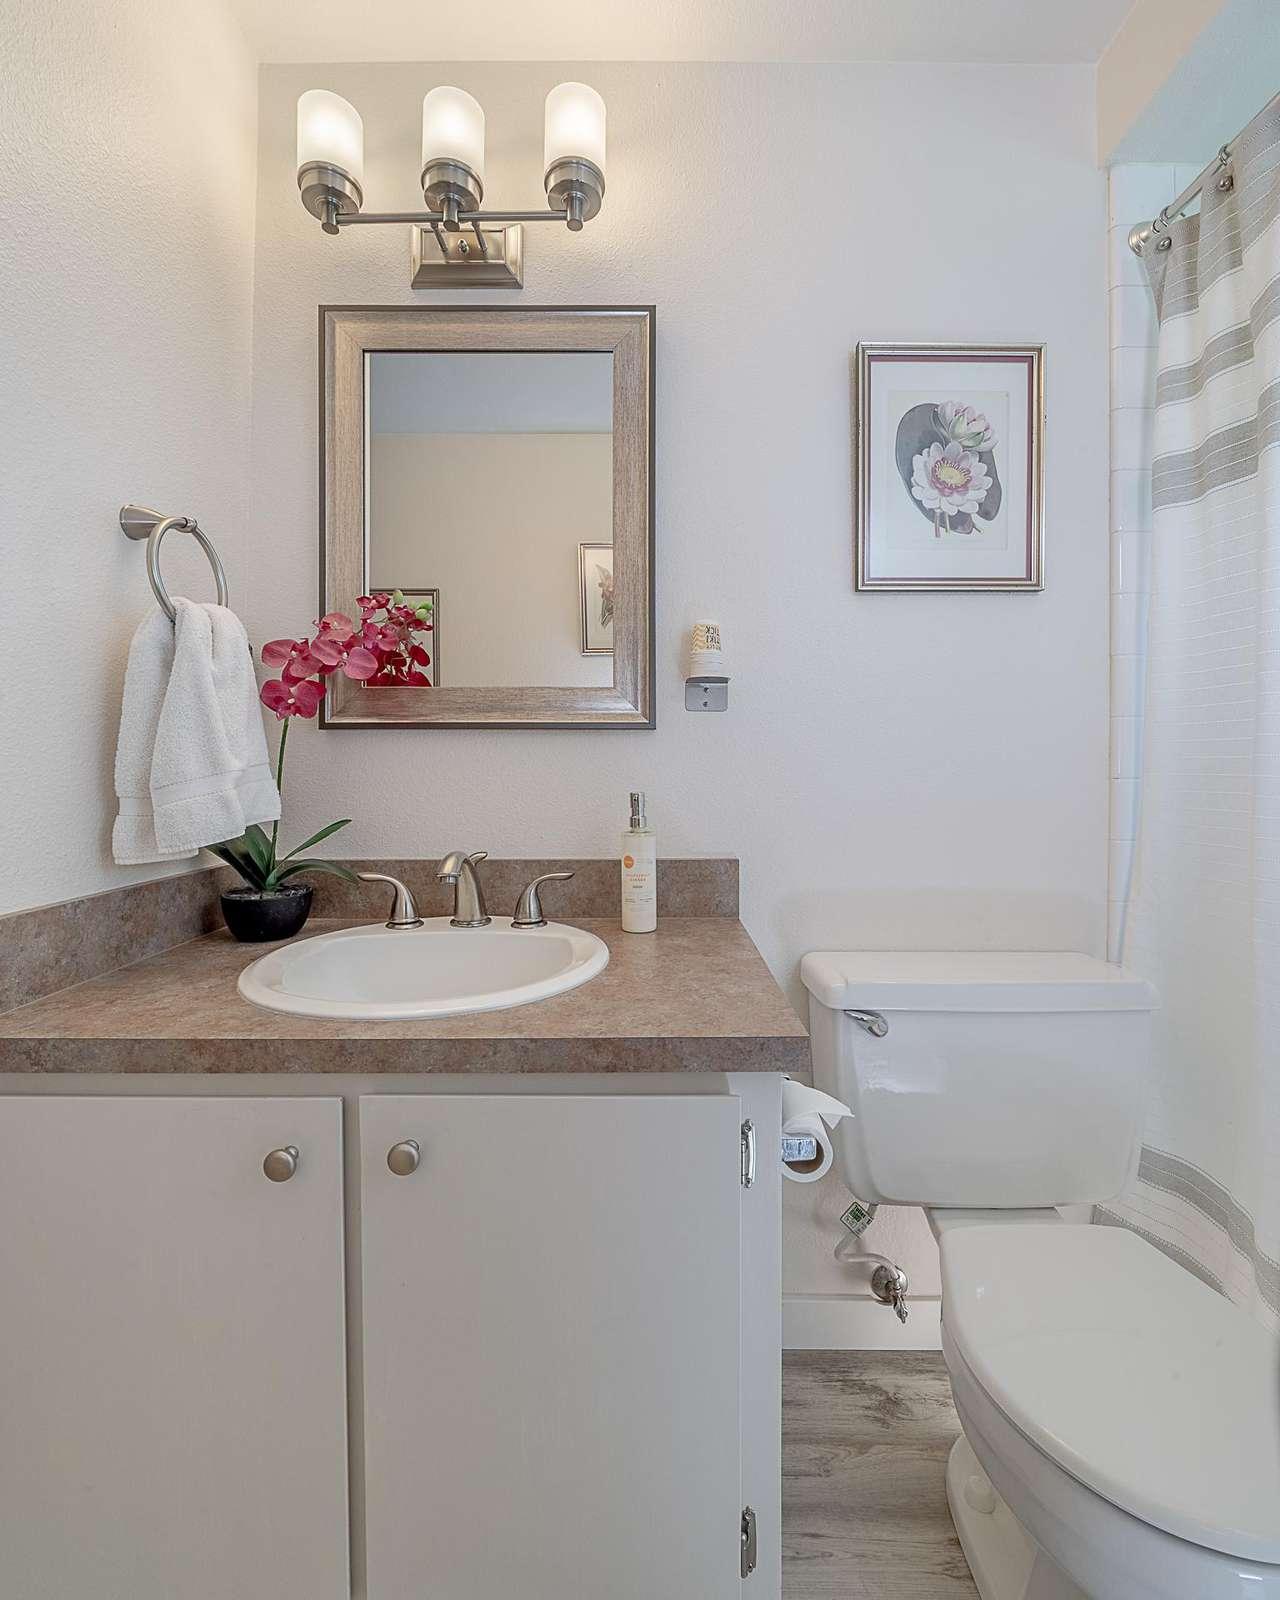 Hall Bathroom - Soft lighting - Hair Dryer Available